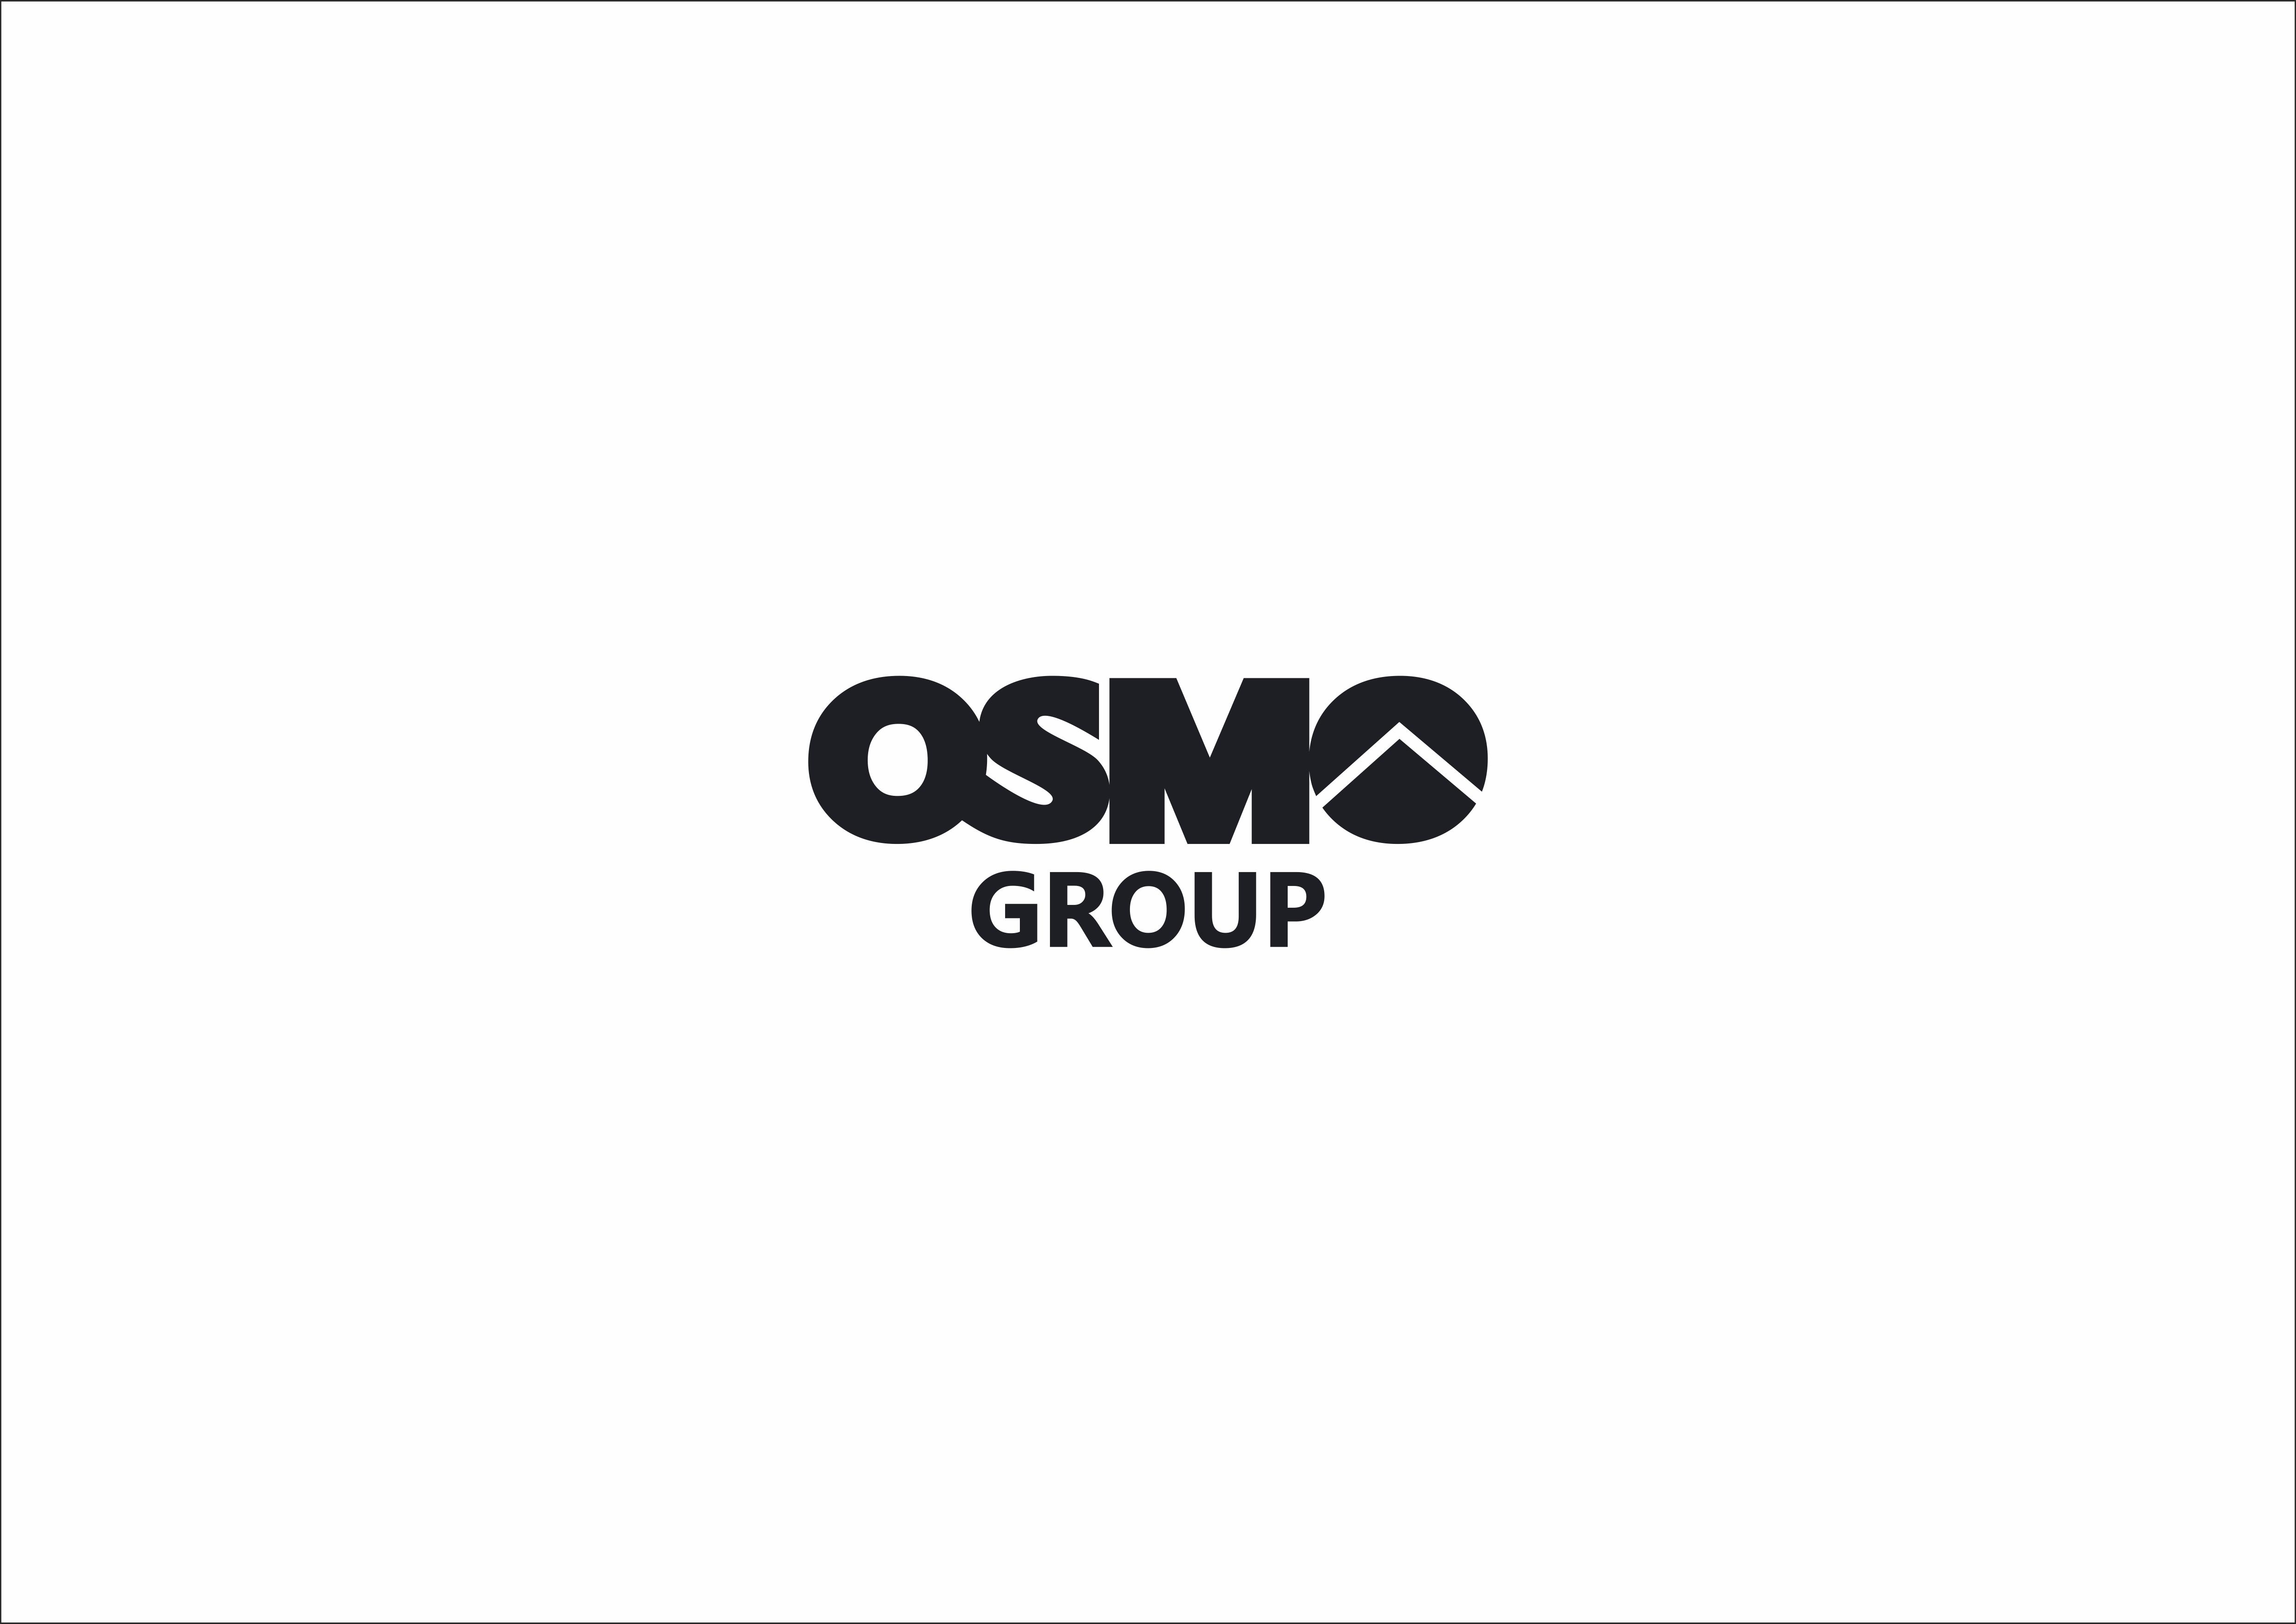 Создание логотипа для строительной компании OSMO group  фото f_56759b4f2280cf76.png